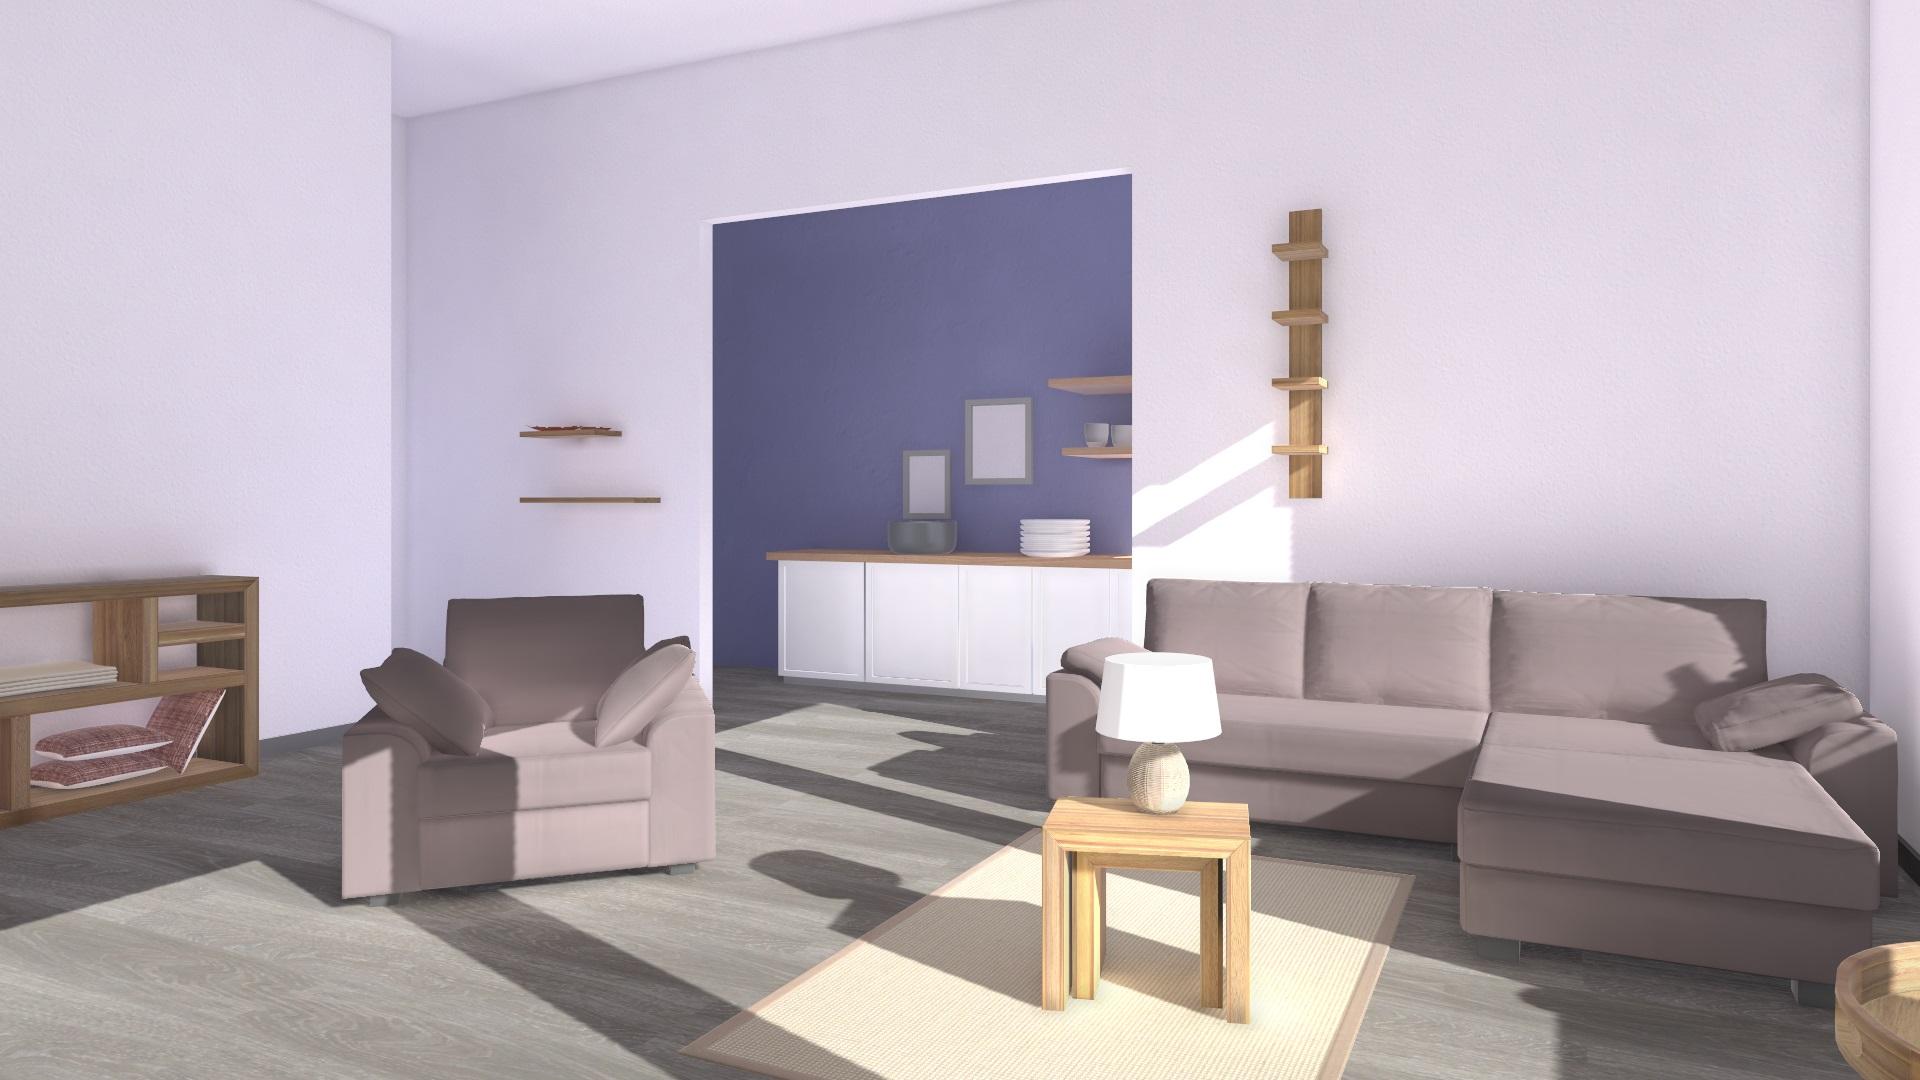 tchibo wohnzimmer mobel : Unity 3d Konfigurator Tchibo Ideas Wohntraum Finder Redplant